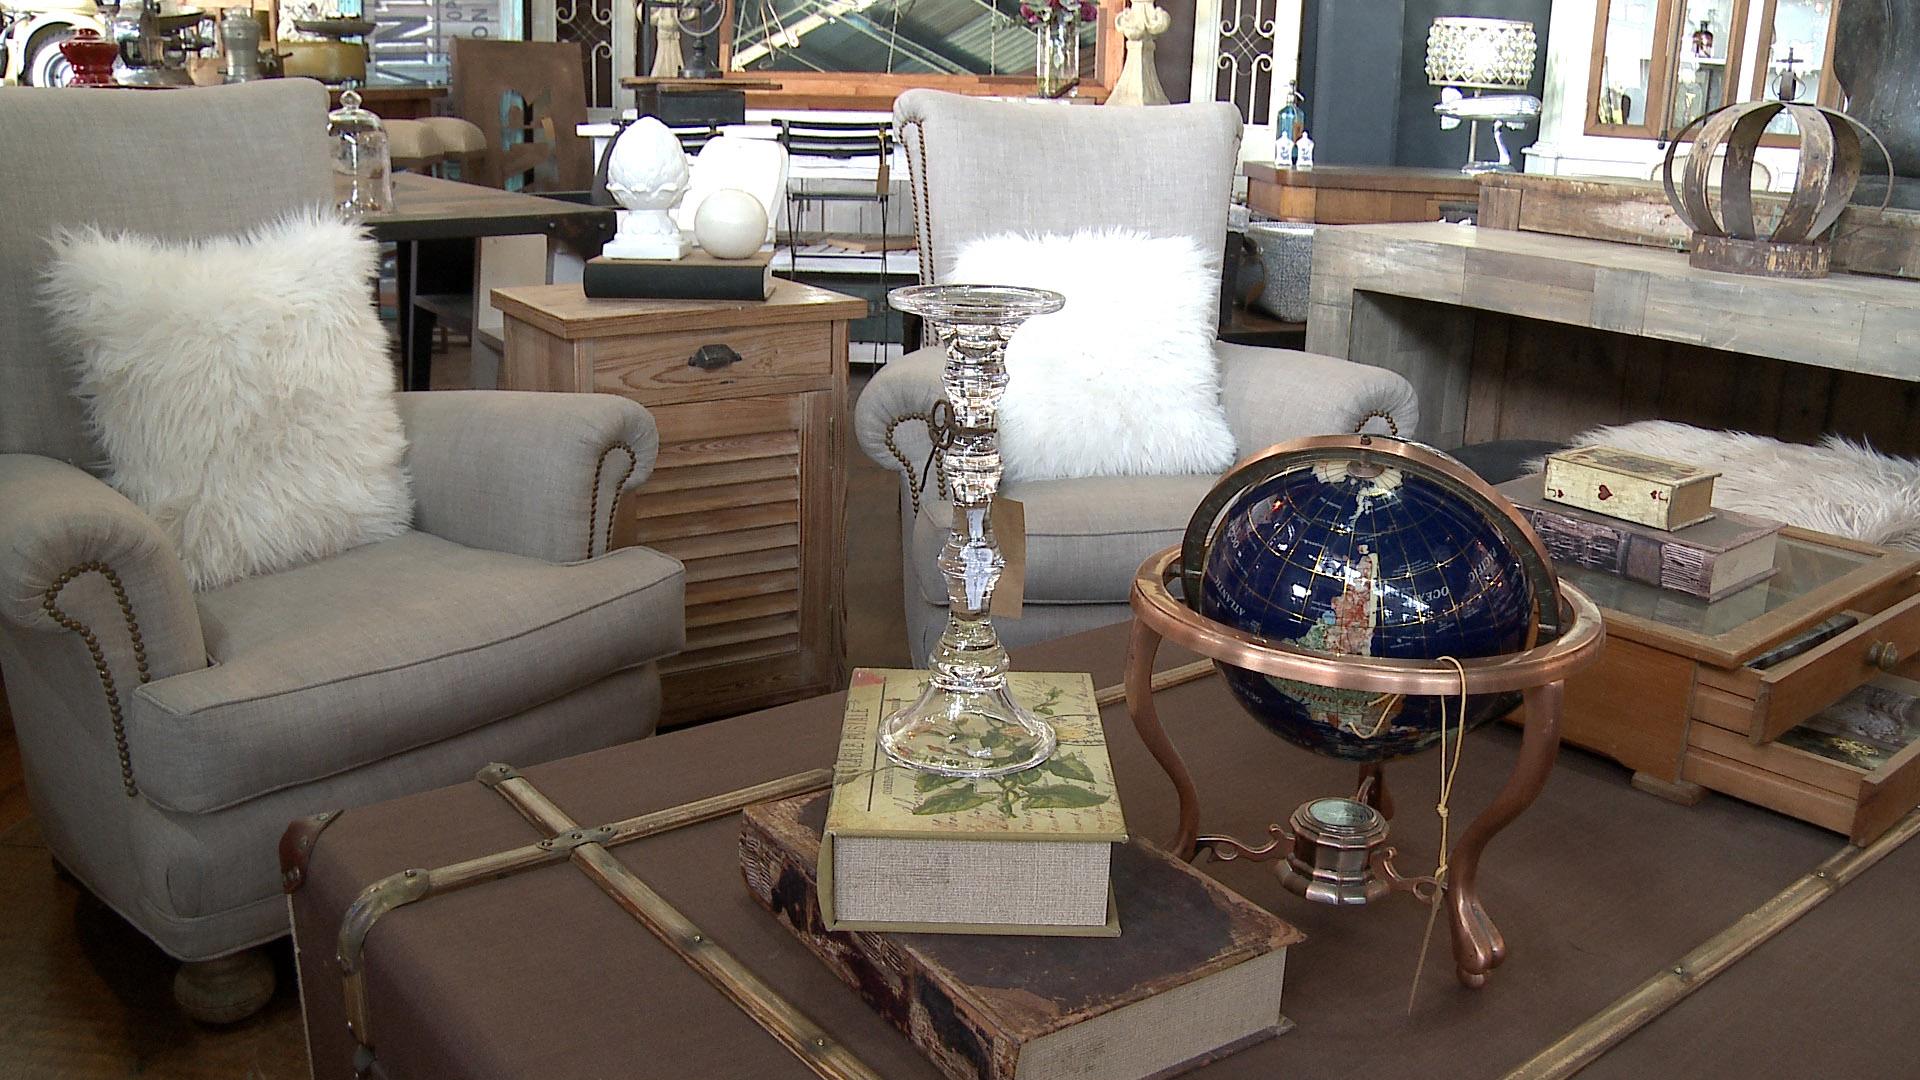 Valijas gigantes como mesas ratonas, muebles de estilo con sillones vintage, candelabros y objetos de decoración pequeños. Una imagen de un living de diseño que mezcla lo antiguo con lo moderno